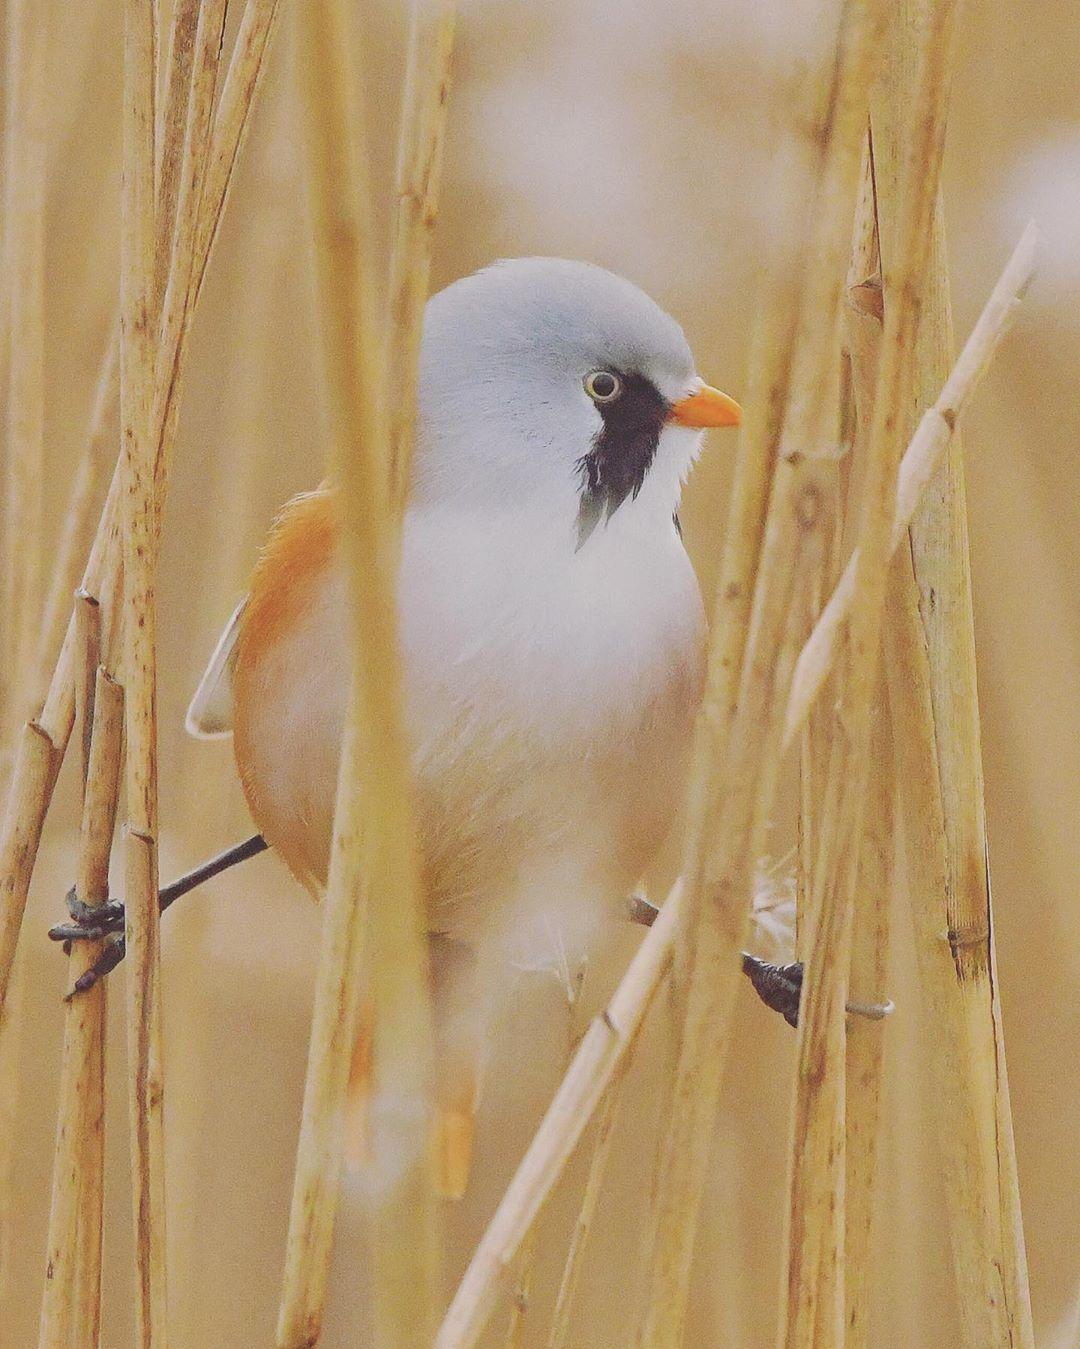 lindas aves que abren sus patitas en las ramas